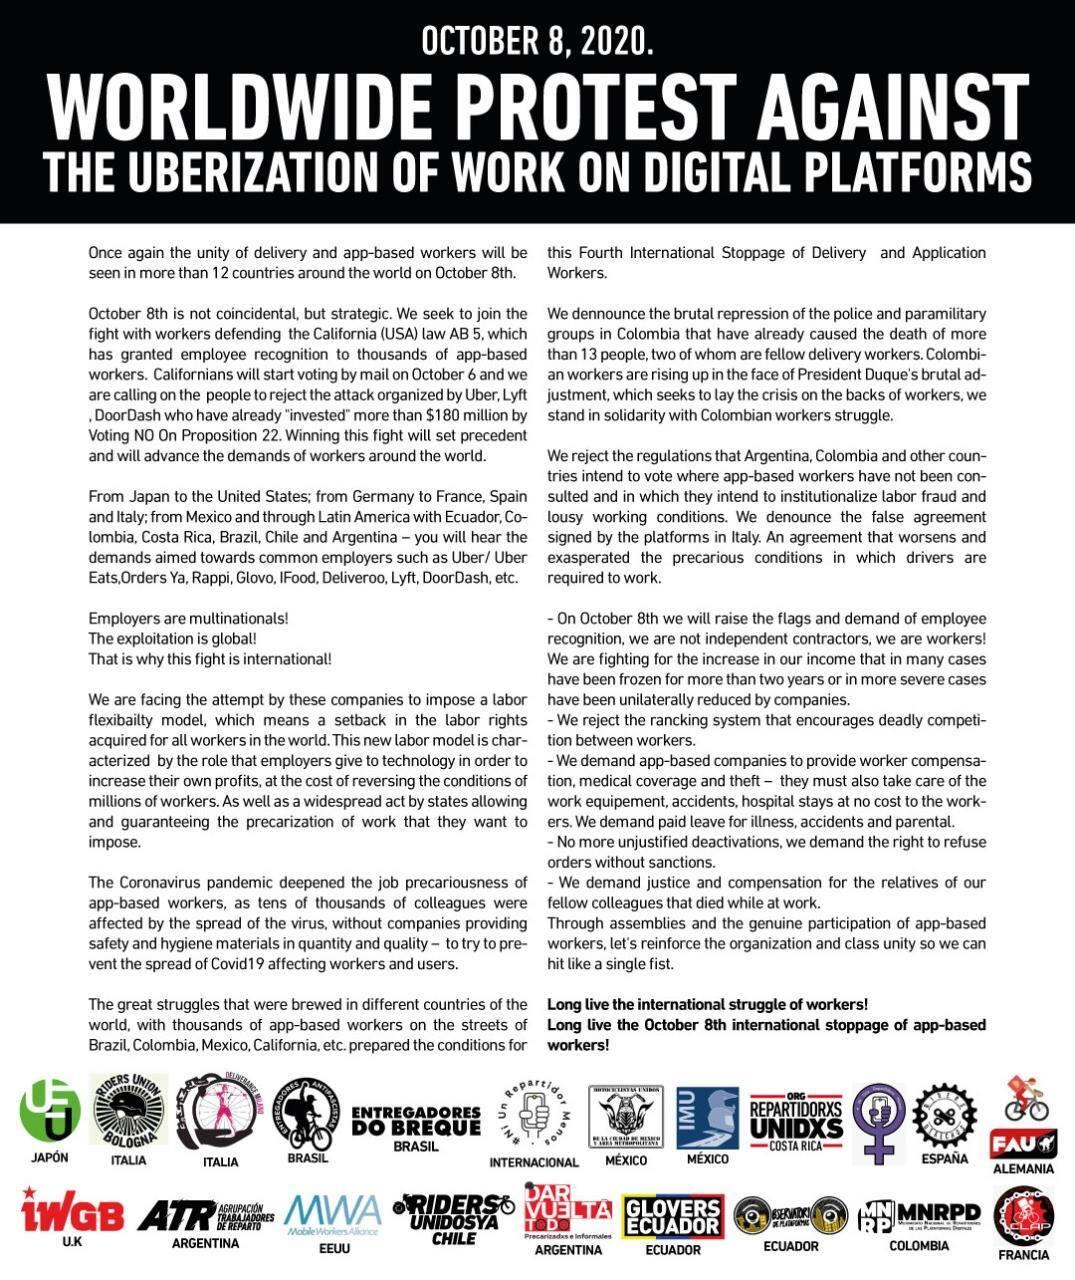 10/8 デジタル・プラットフォーマーに対する国際的な抗議行動への賛同